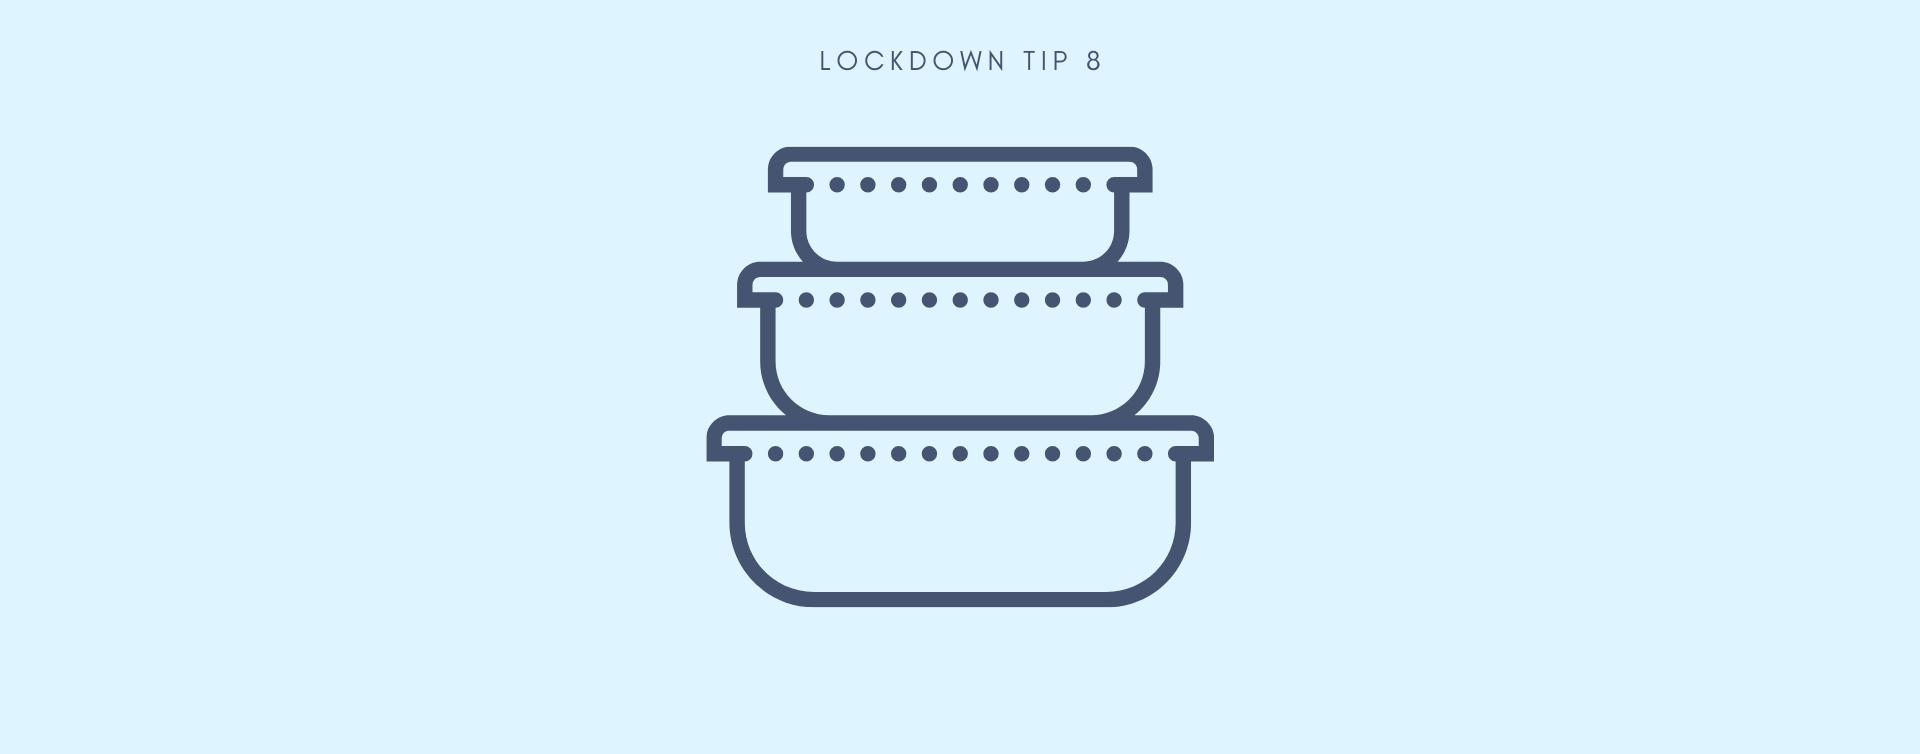 MCSA Lockdown Tip 8